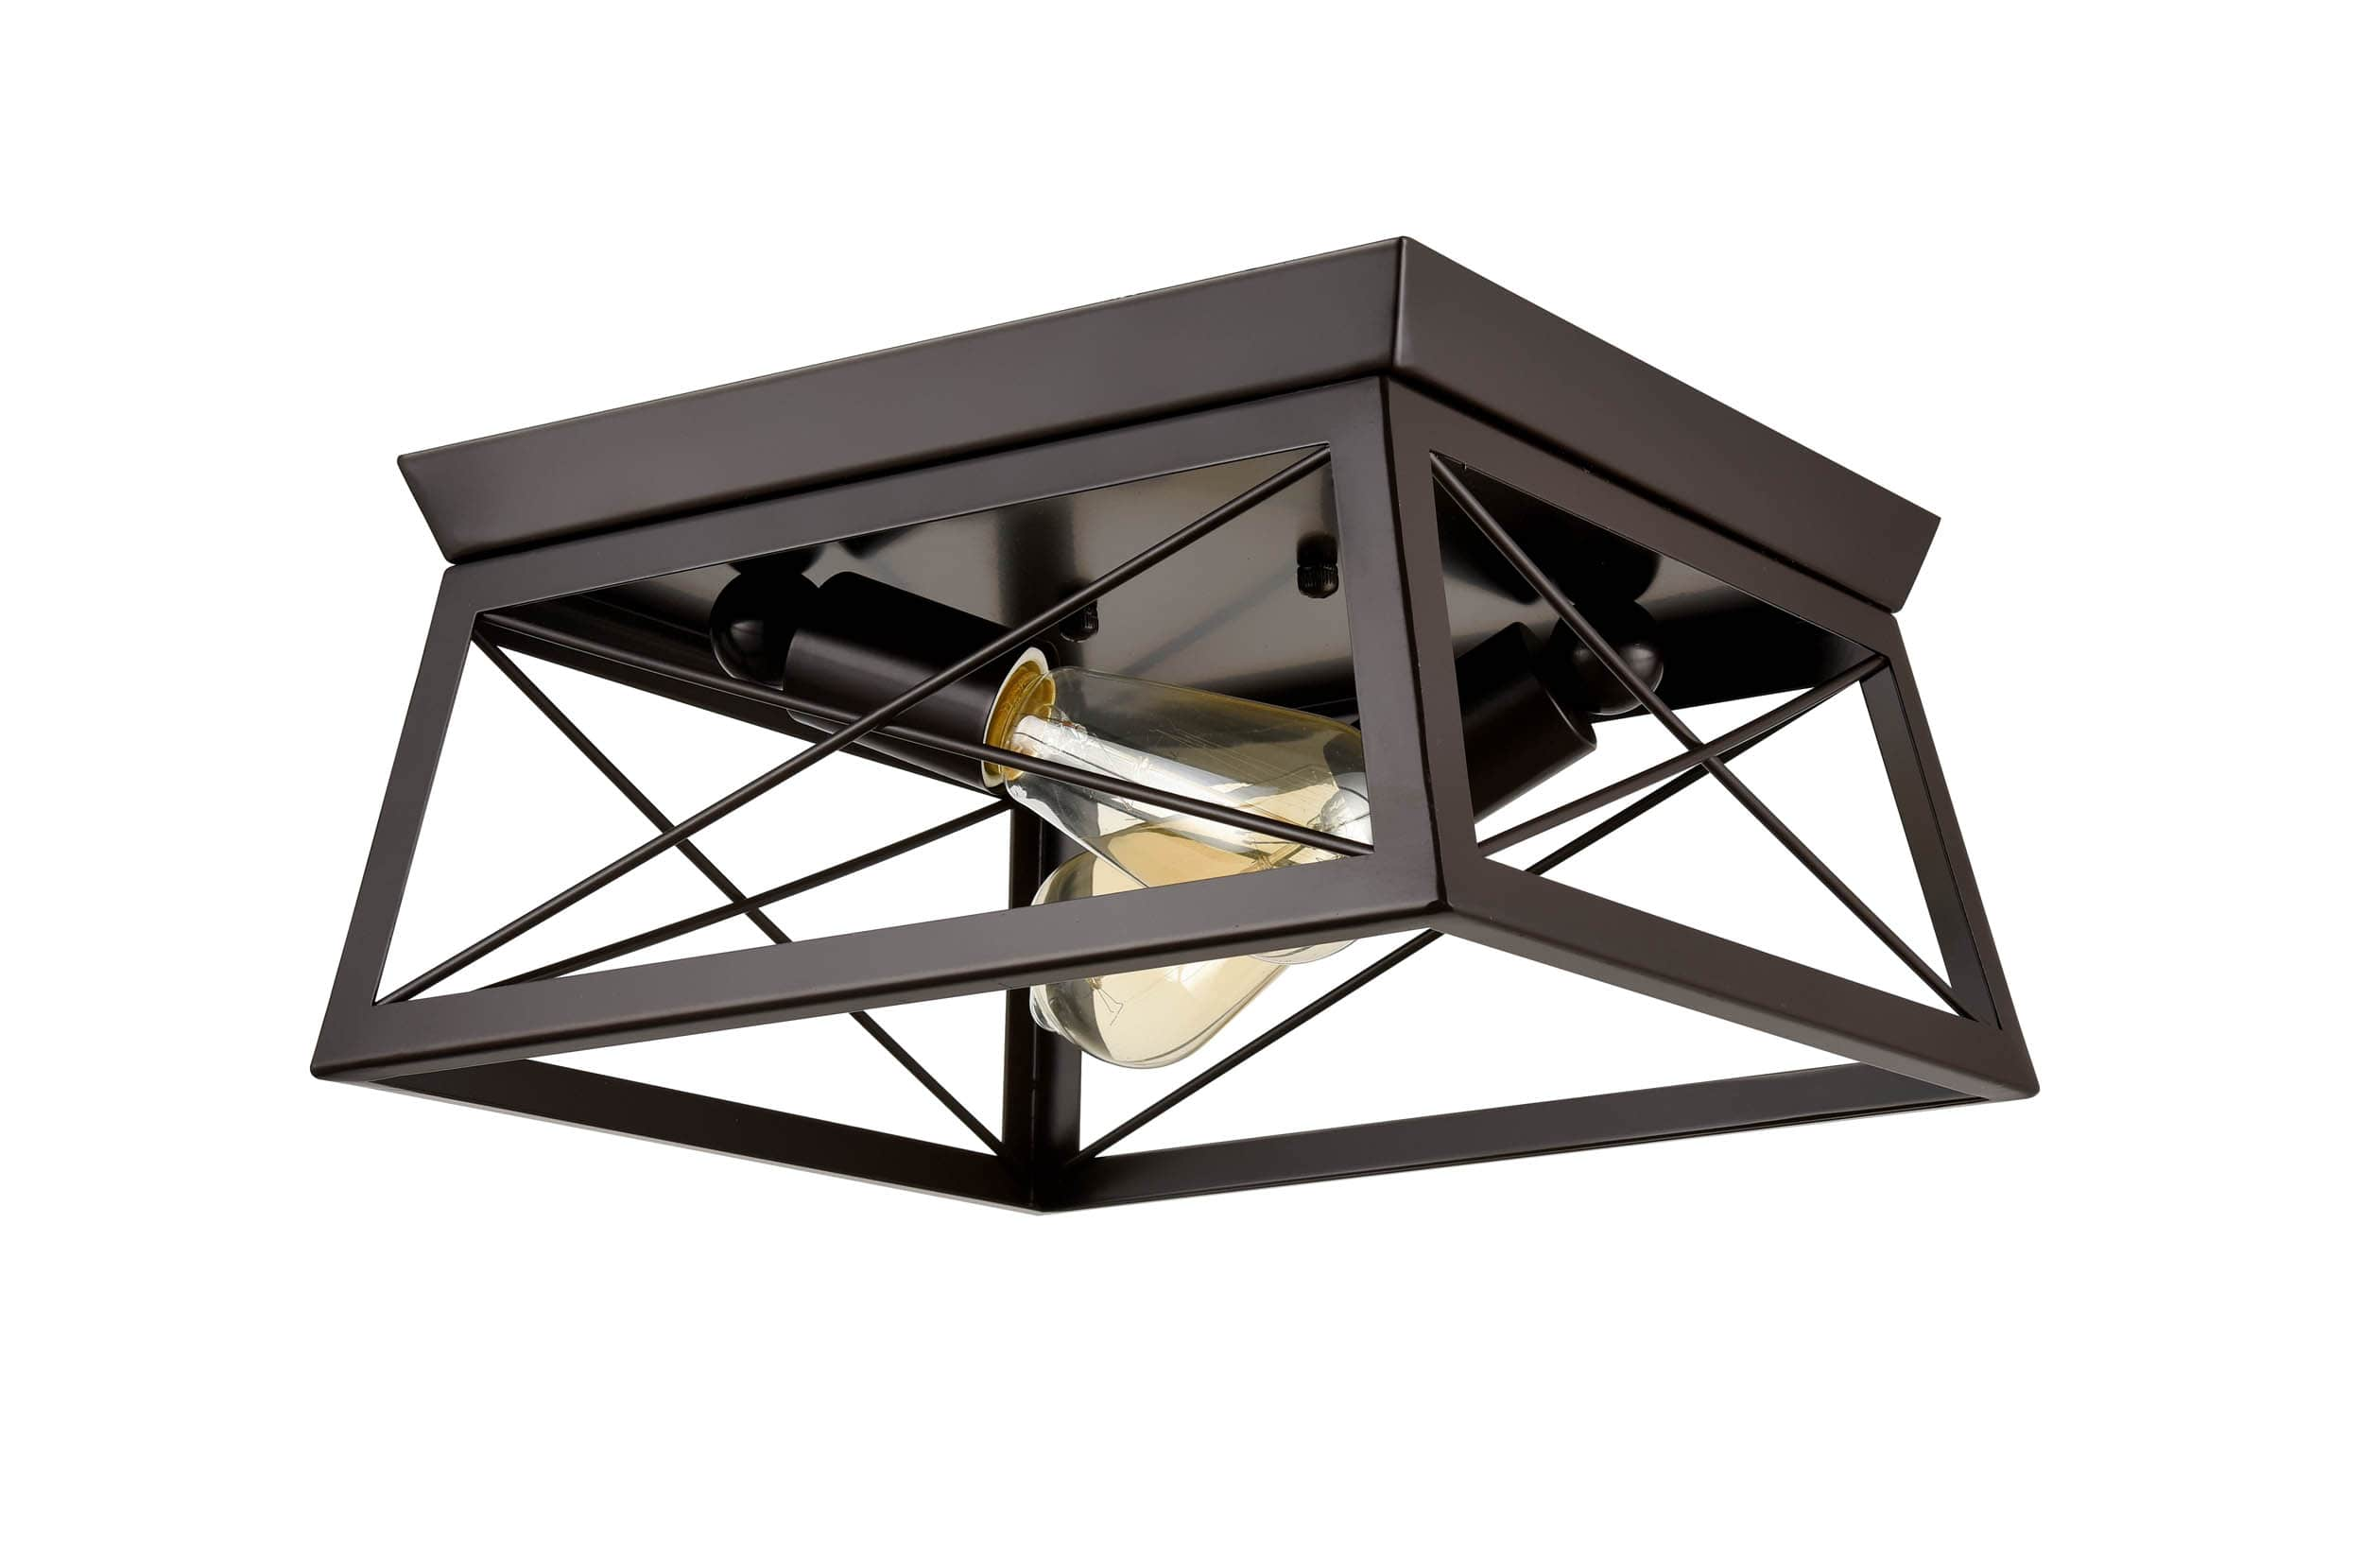 Industrial Rectangle Bronze Flush Mount Ceiling Light - 2 Light